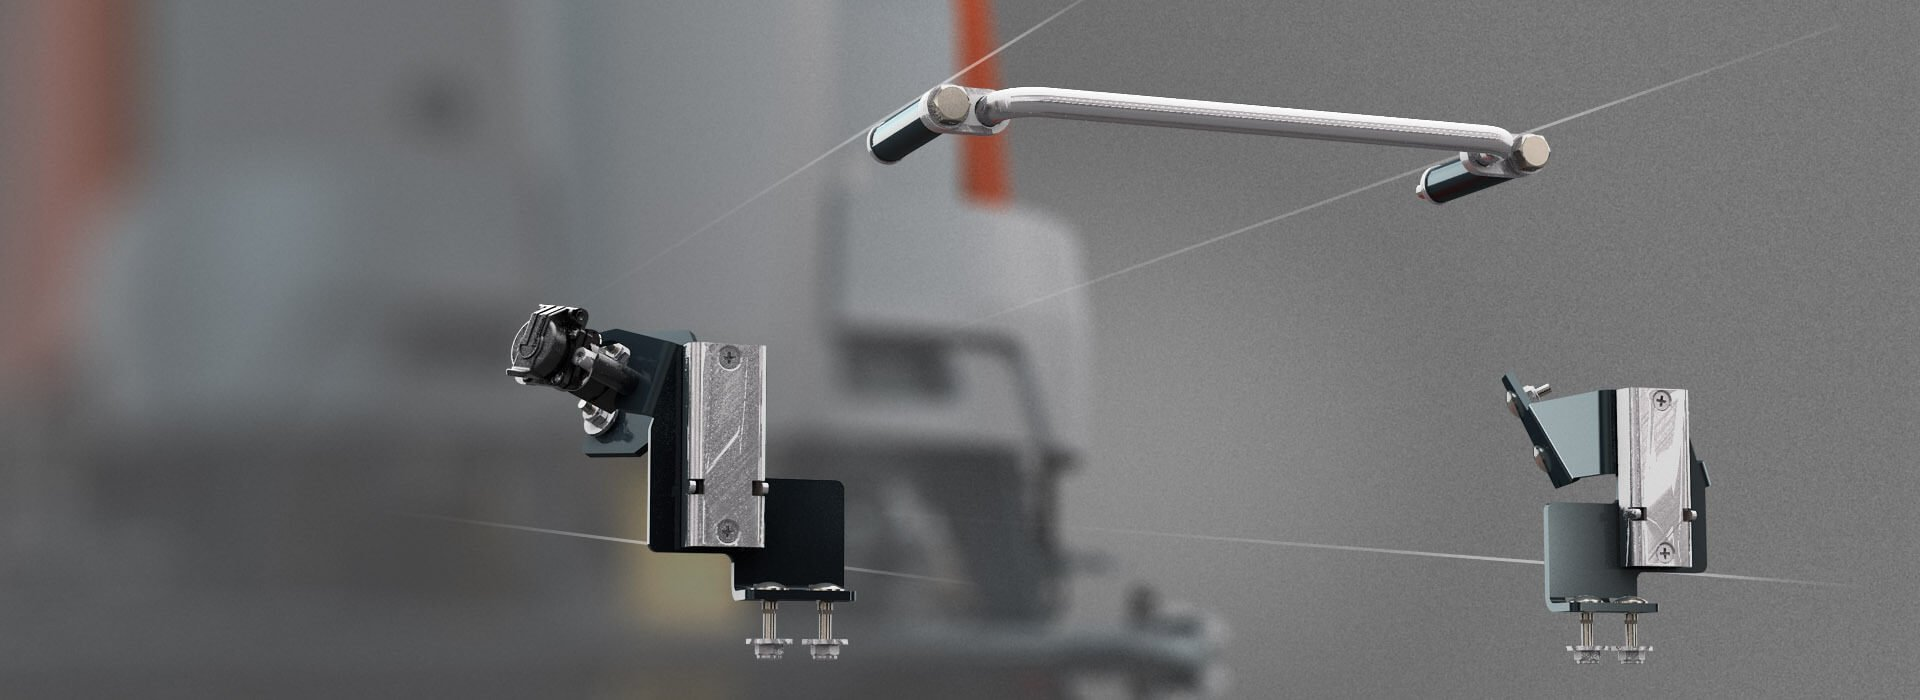 Sistema de accesorios intercambiables quick connect